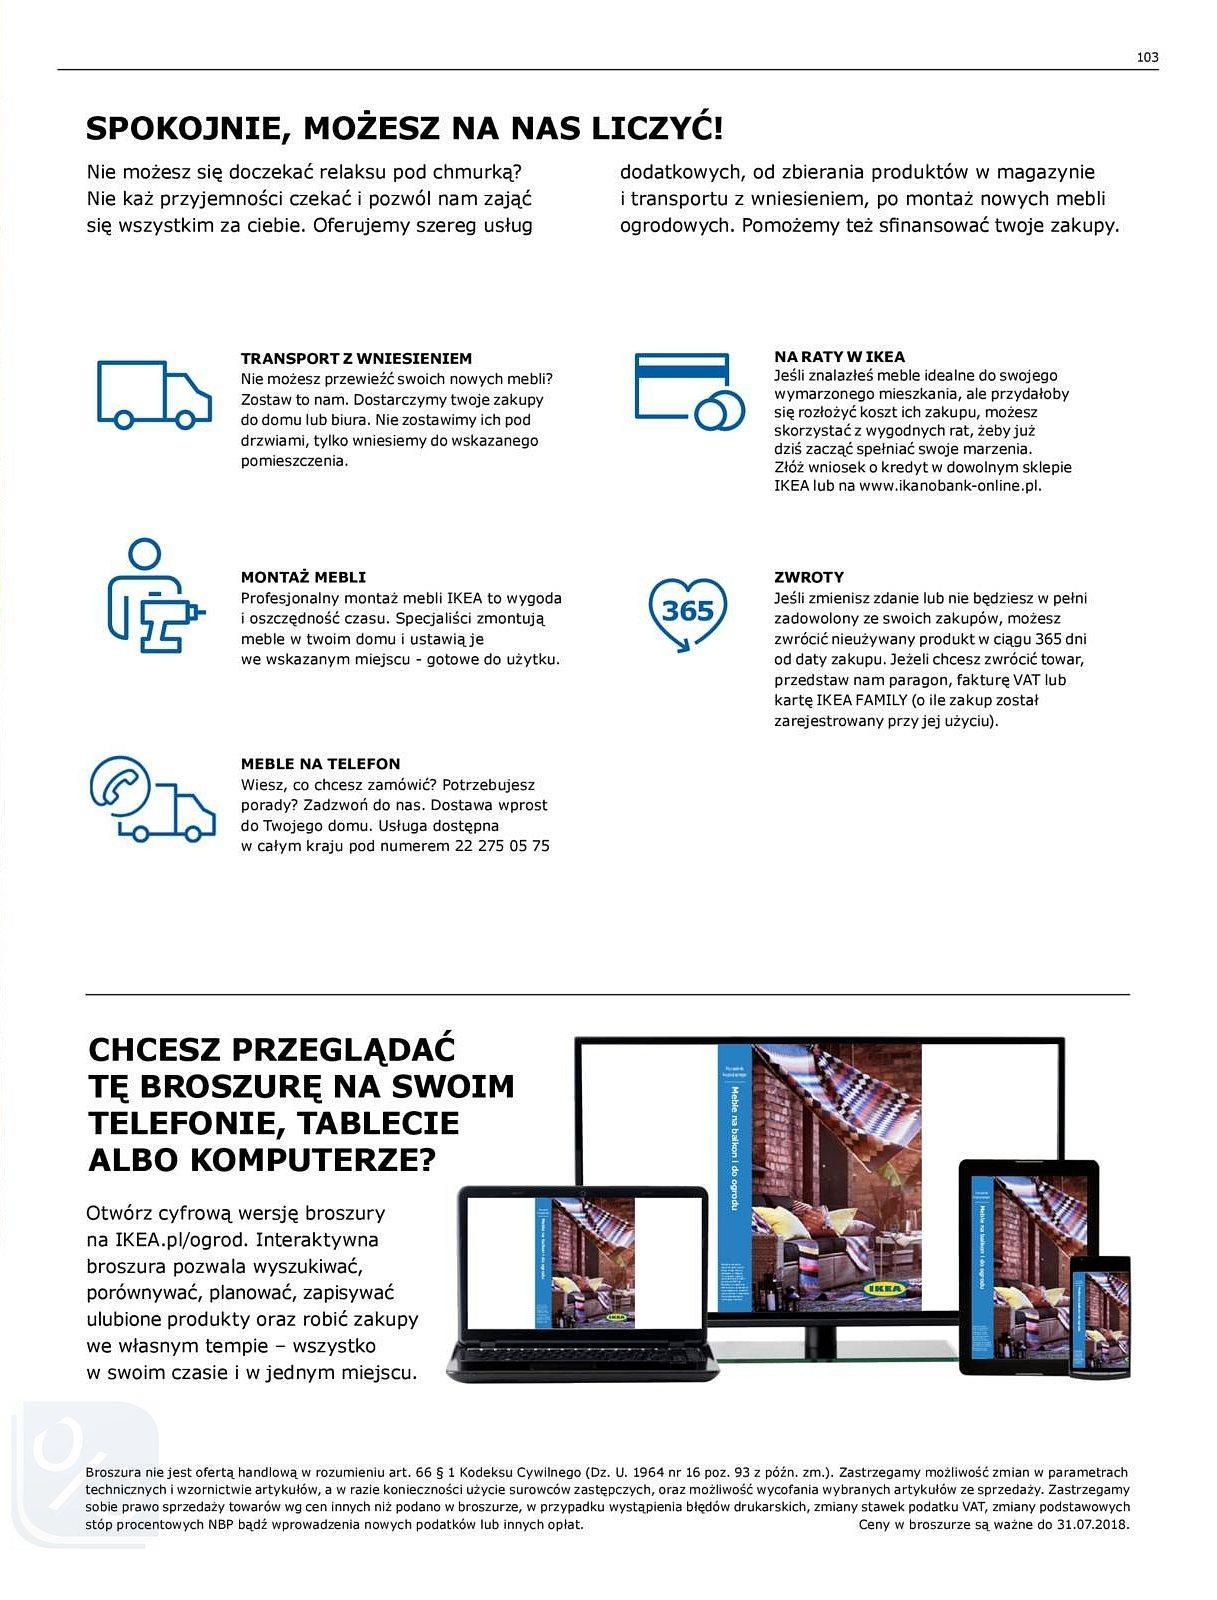 Gazetka promocyjna IKEA do 31/07/2018 str.103